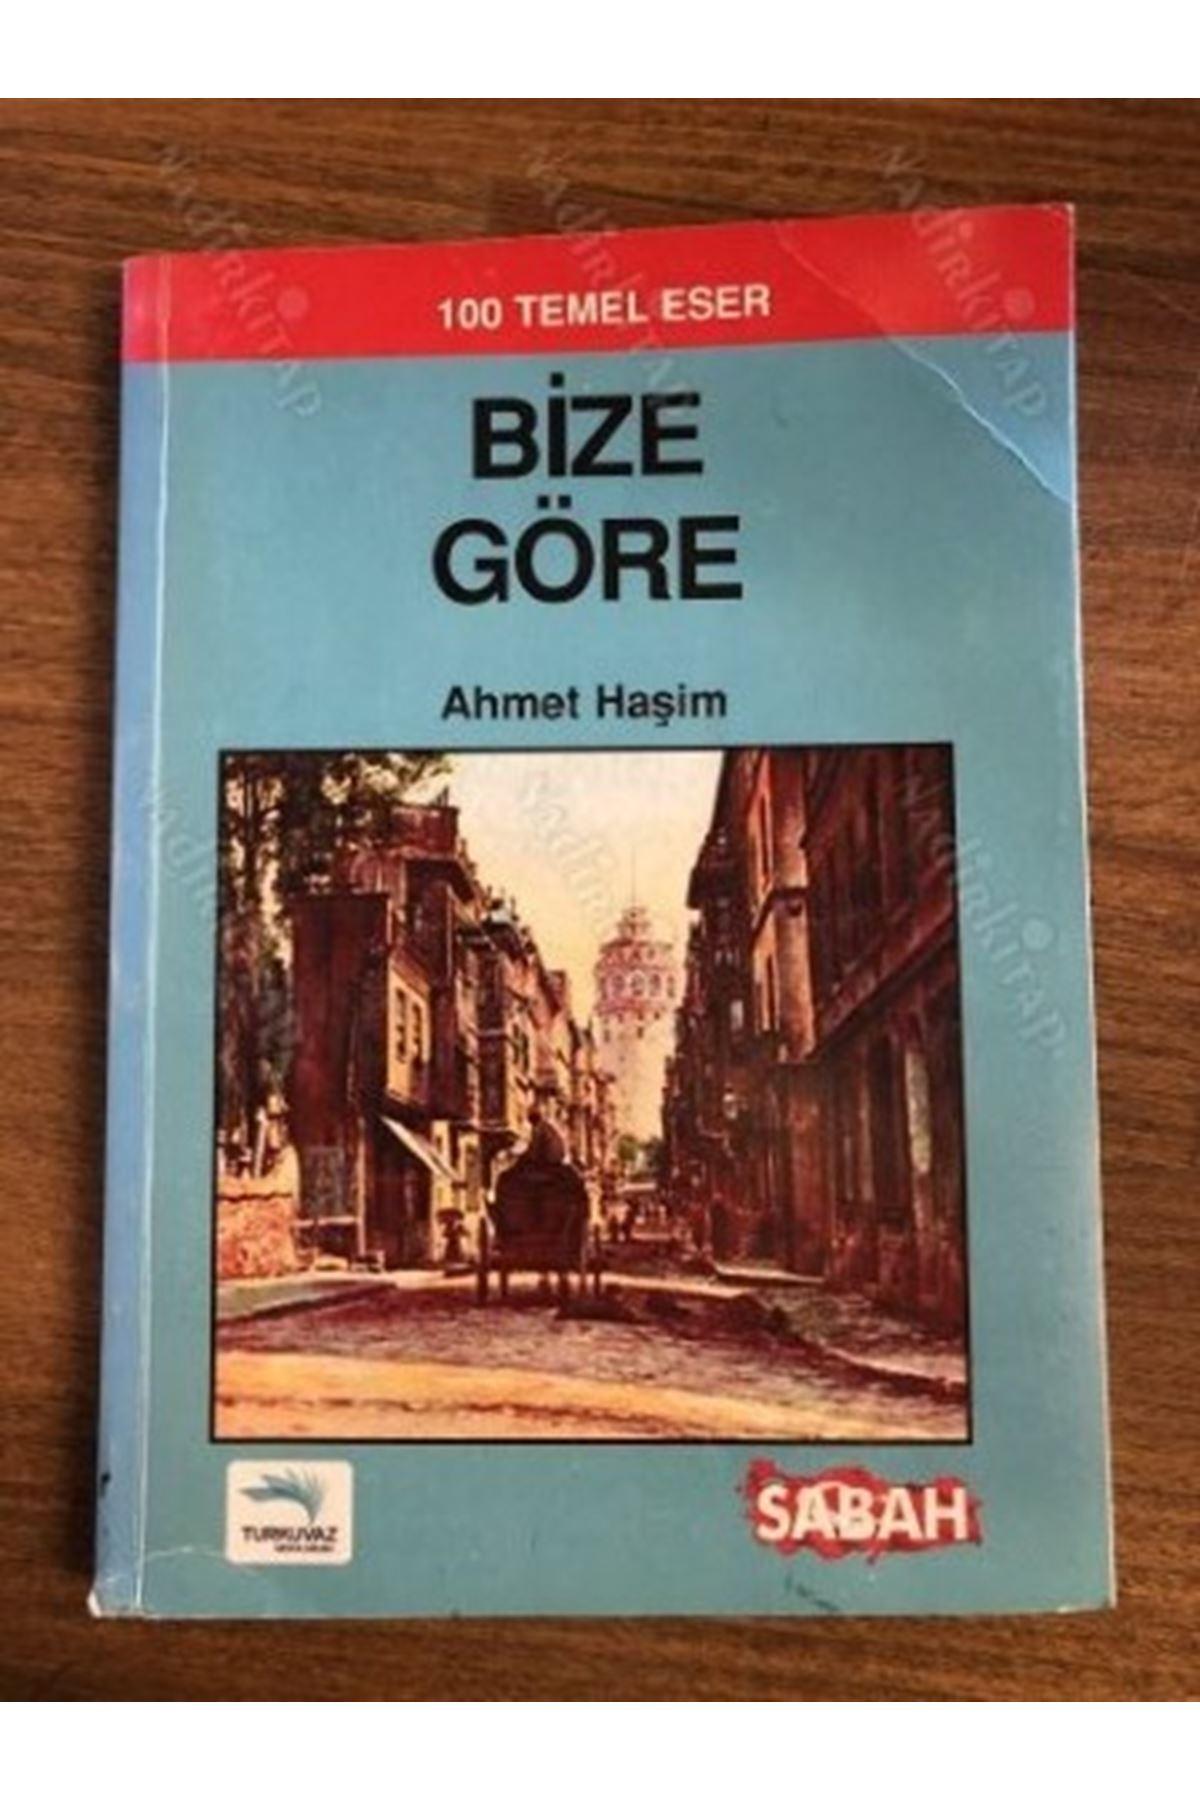 AHMET HAŞİM - BİZE GÖRE